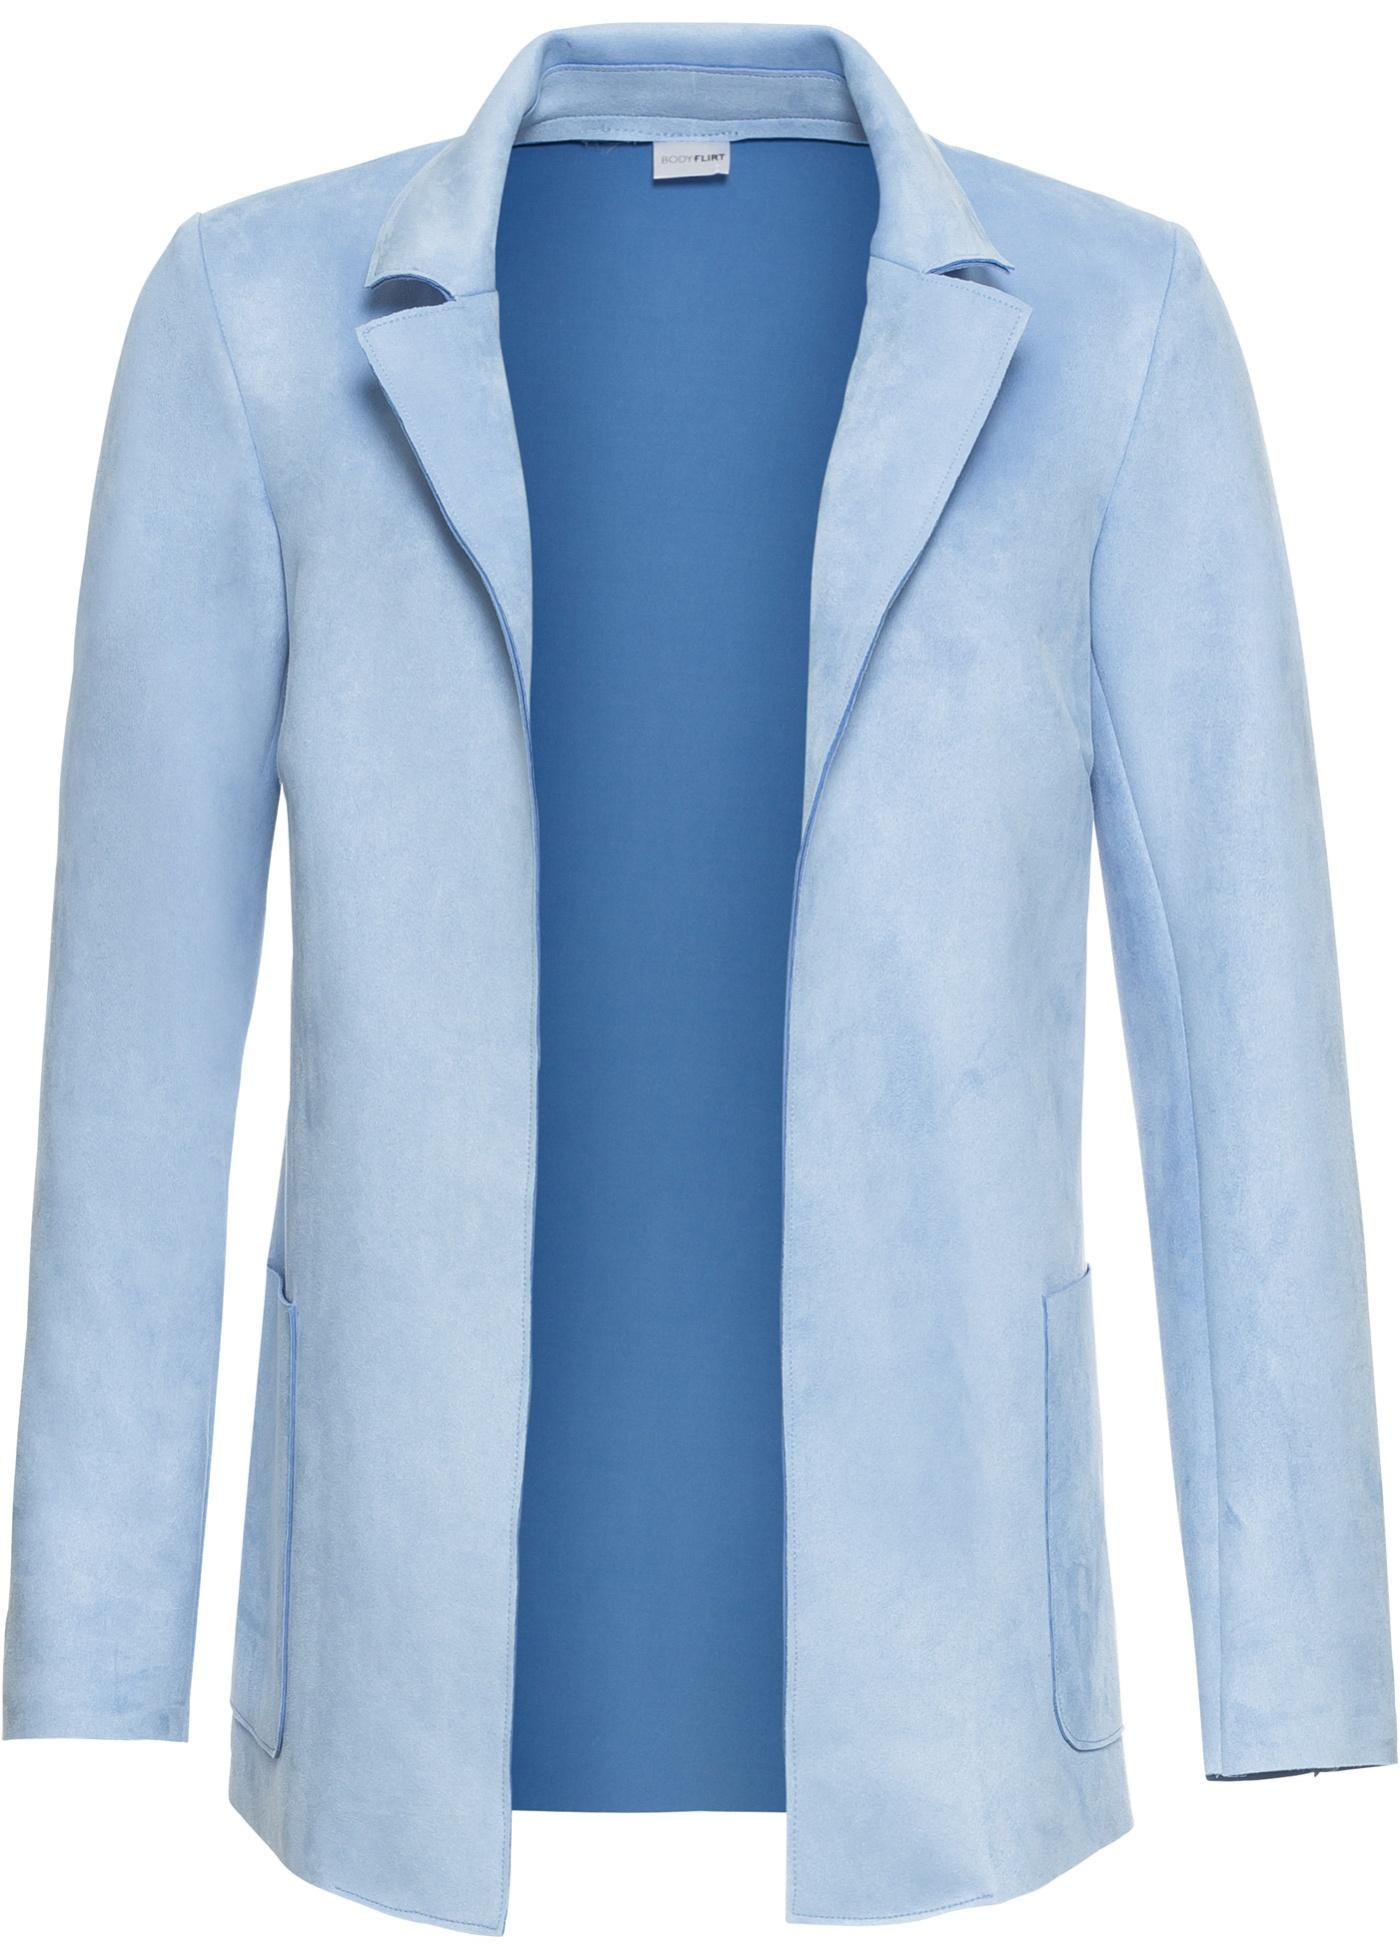 BonprixBlazer Bodyflirt Imitation Longues Manches Velours Synthétique Bleu Femme Cuir Pour eH9E2YIDW